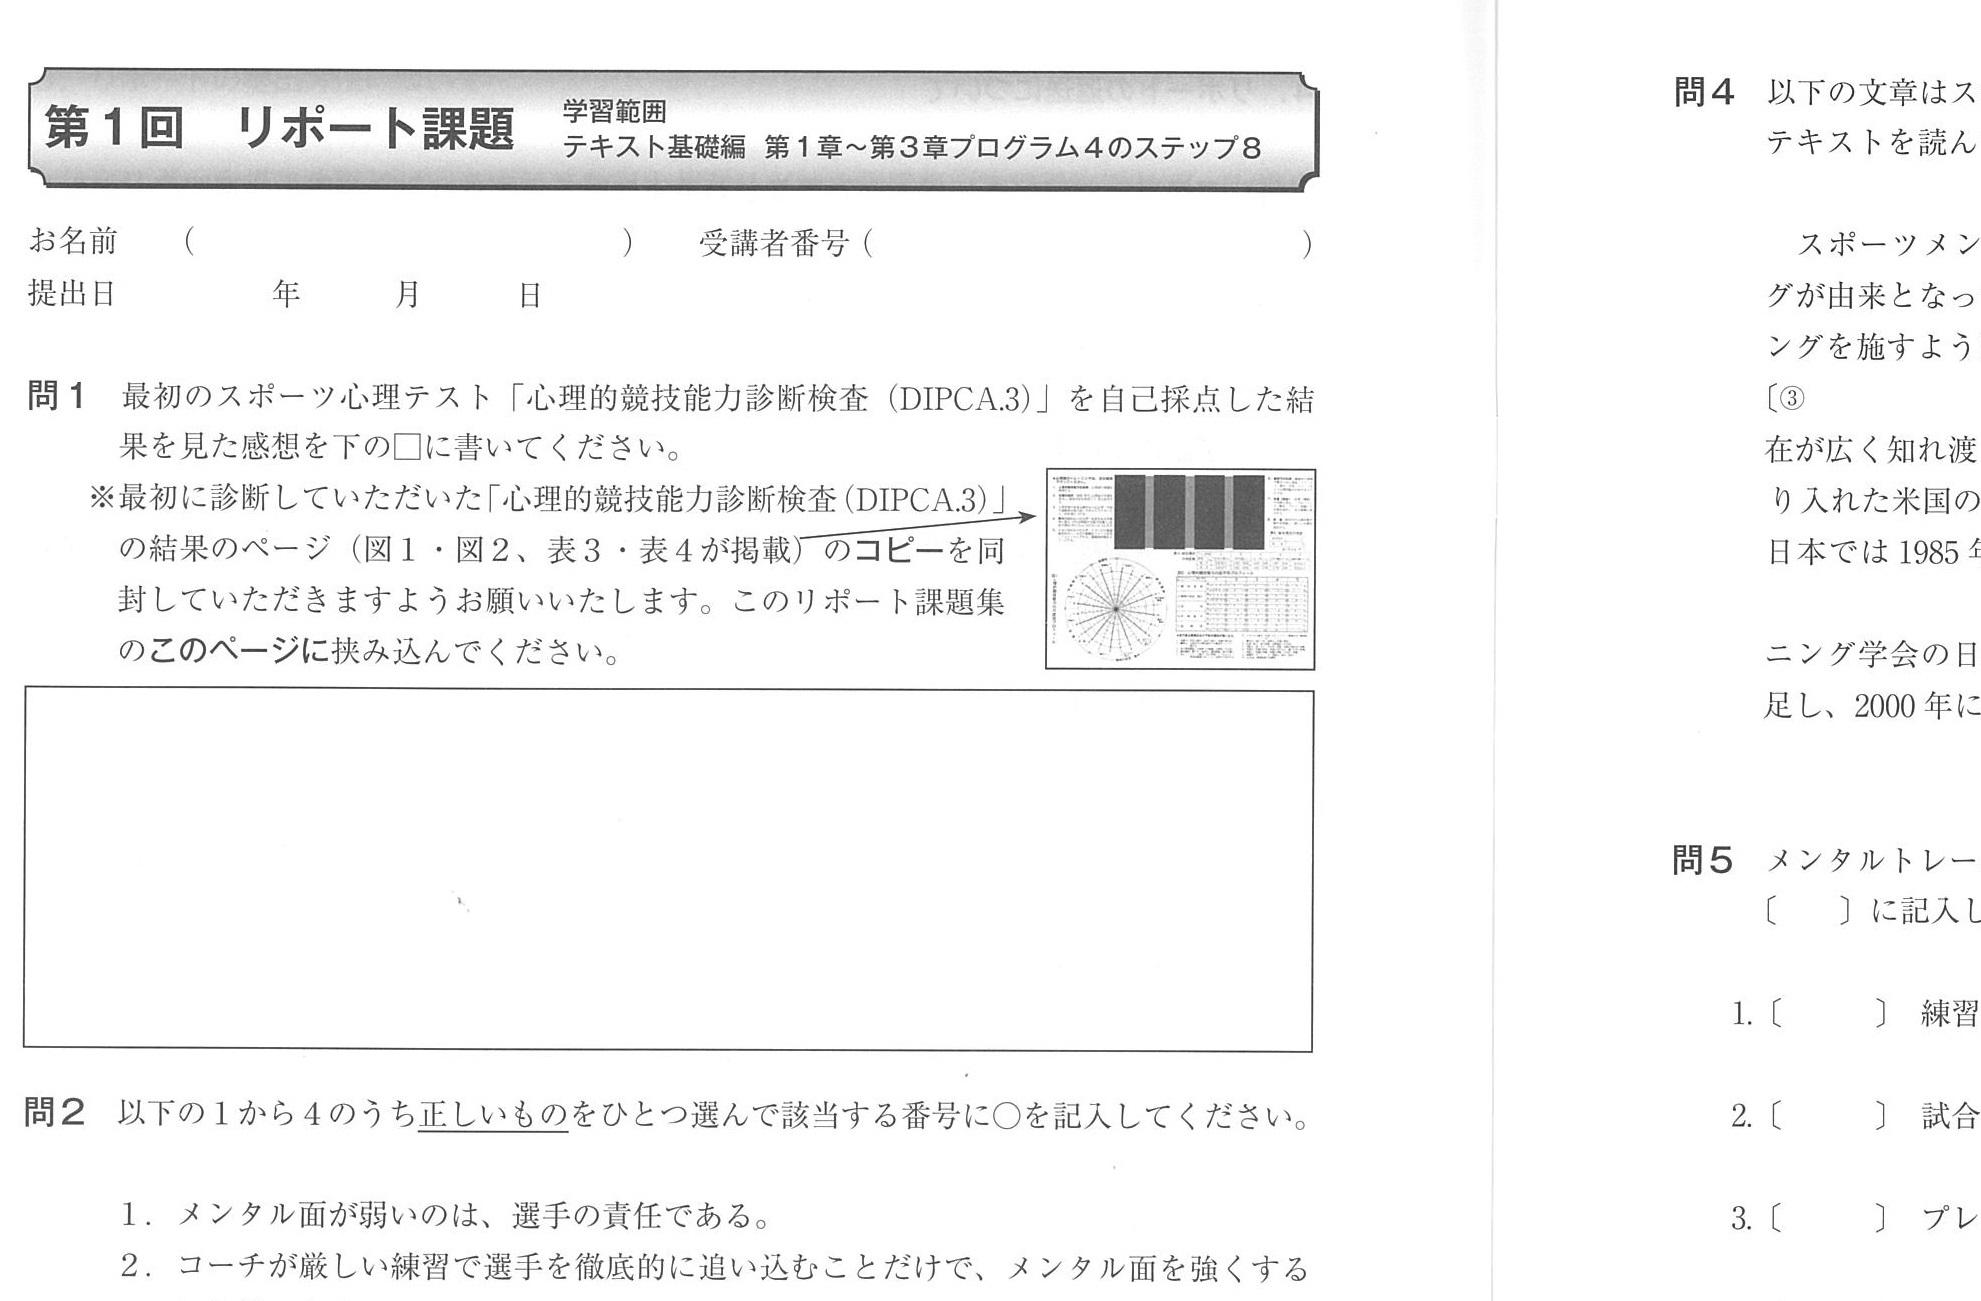 リポート課題集ノート(イメージ)